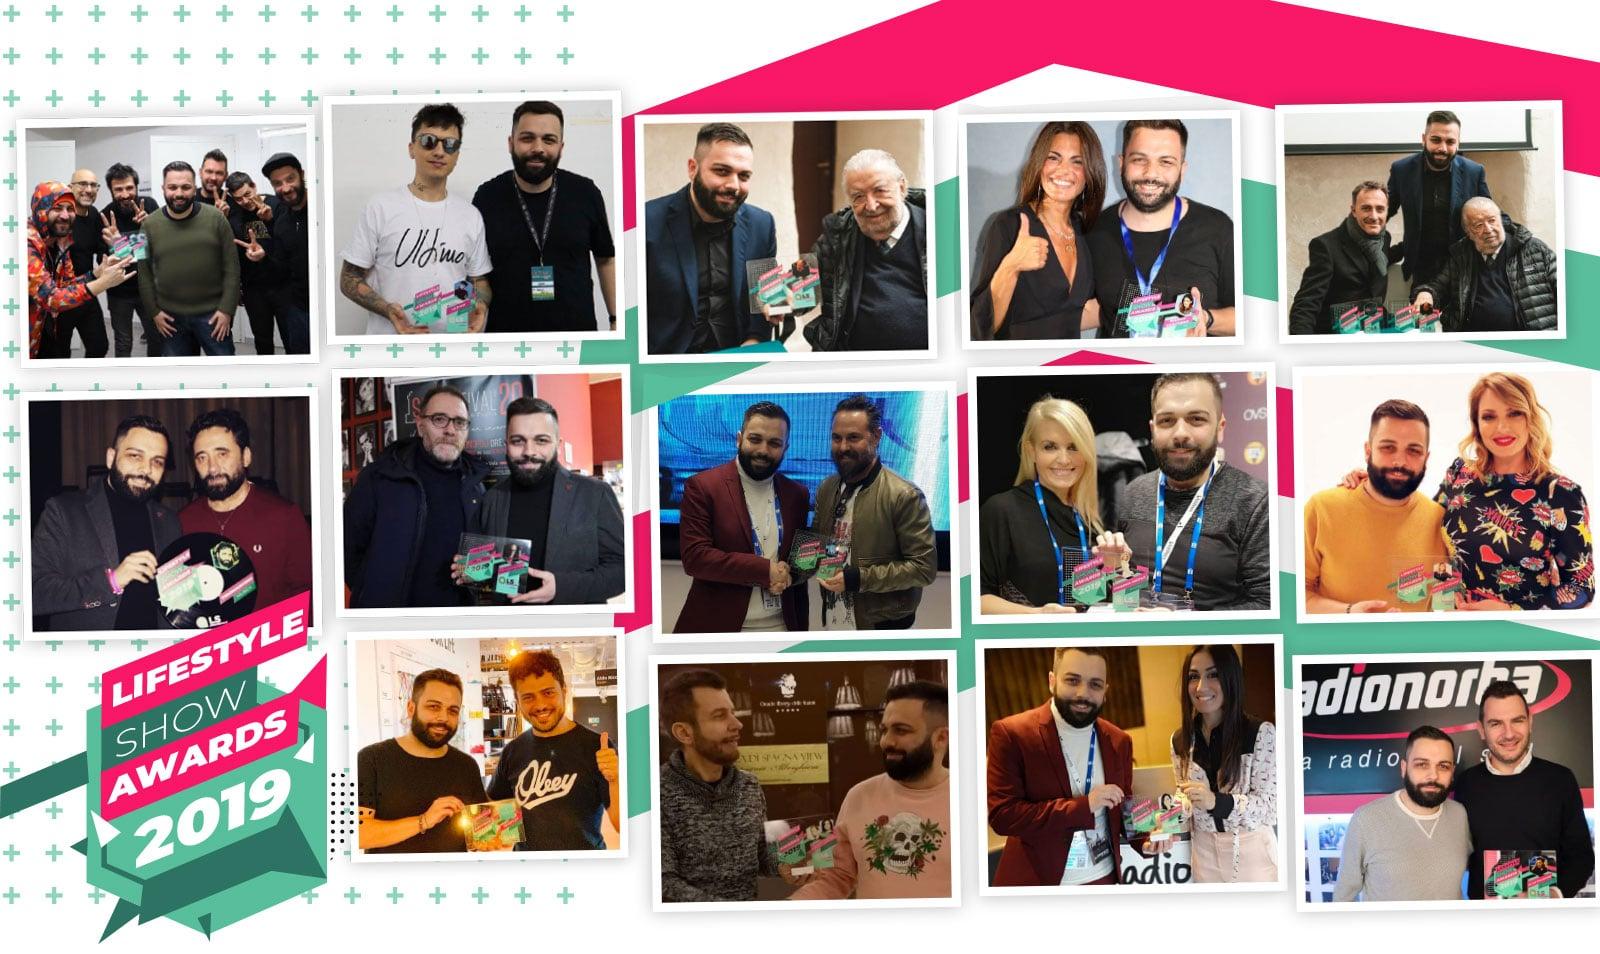 Lifestyle Awards 2019